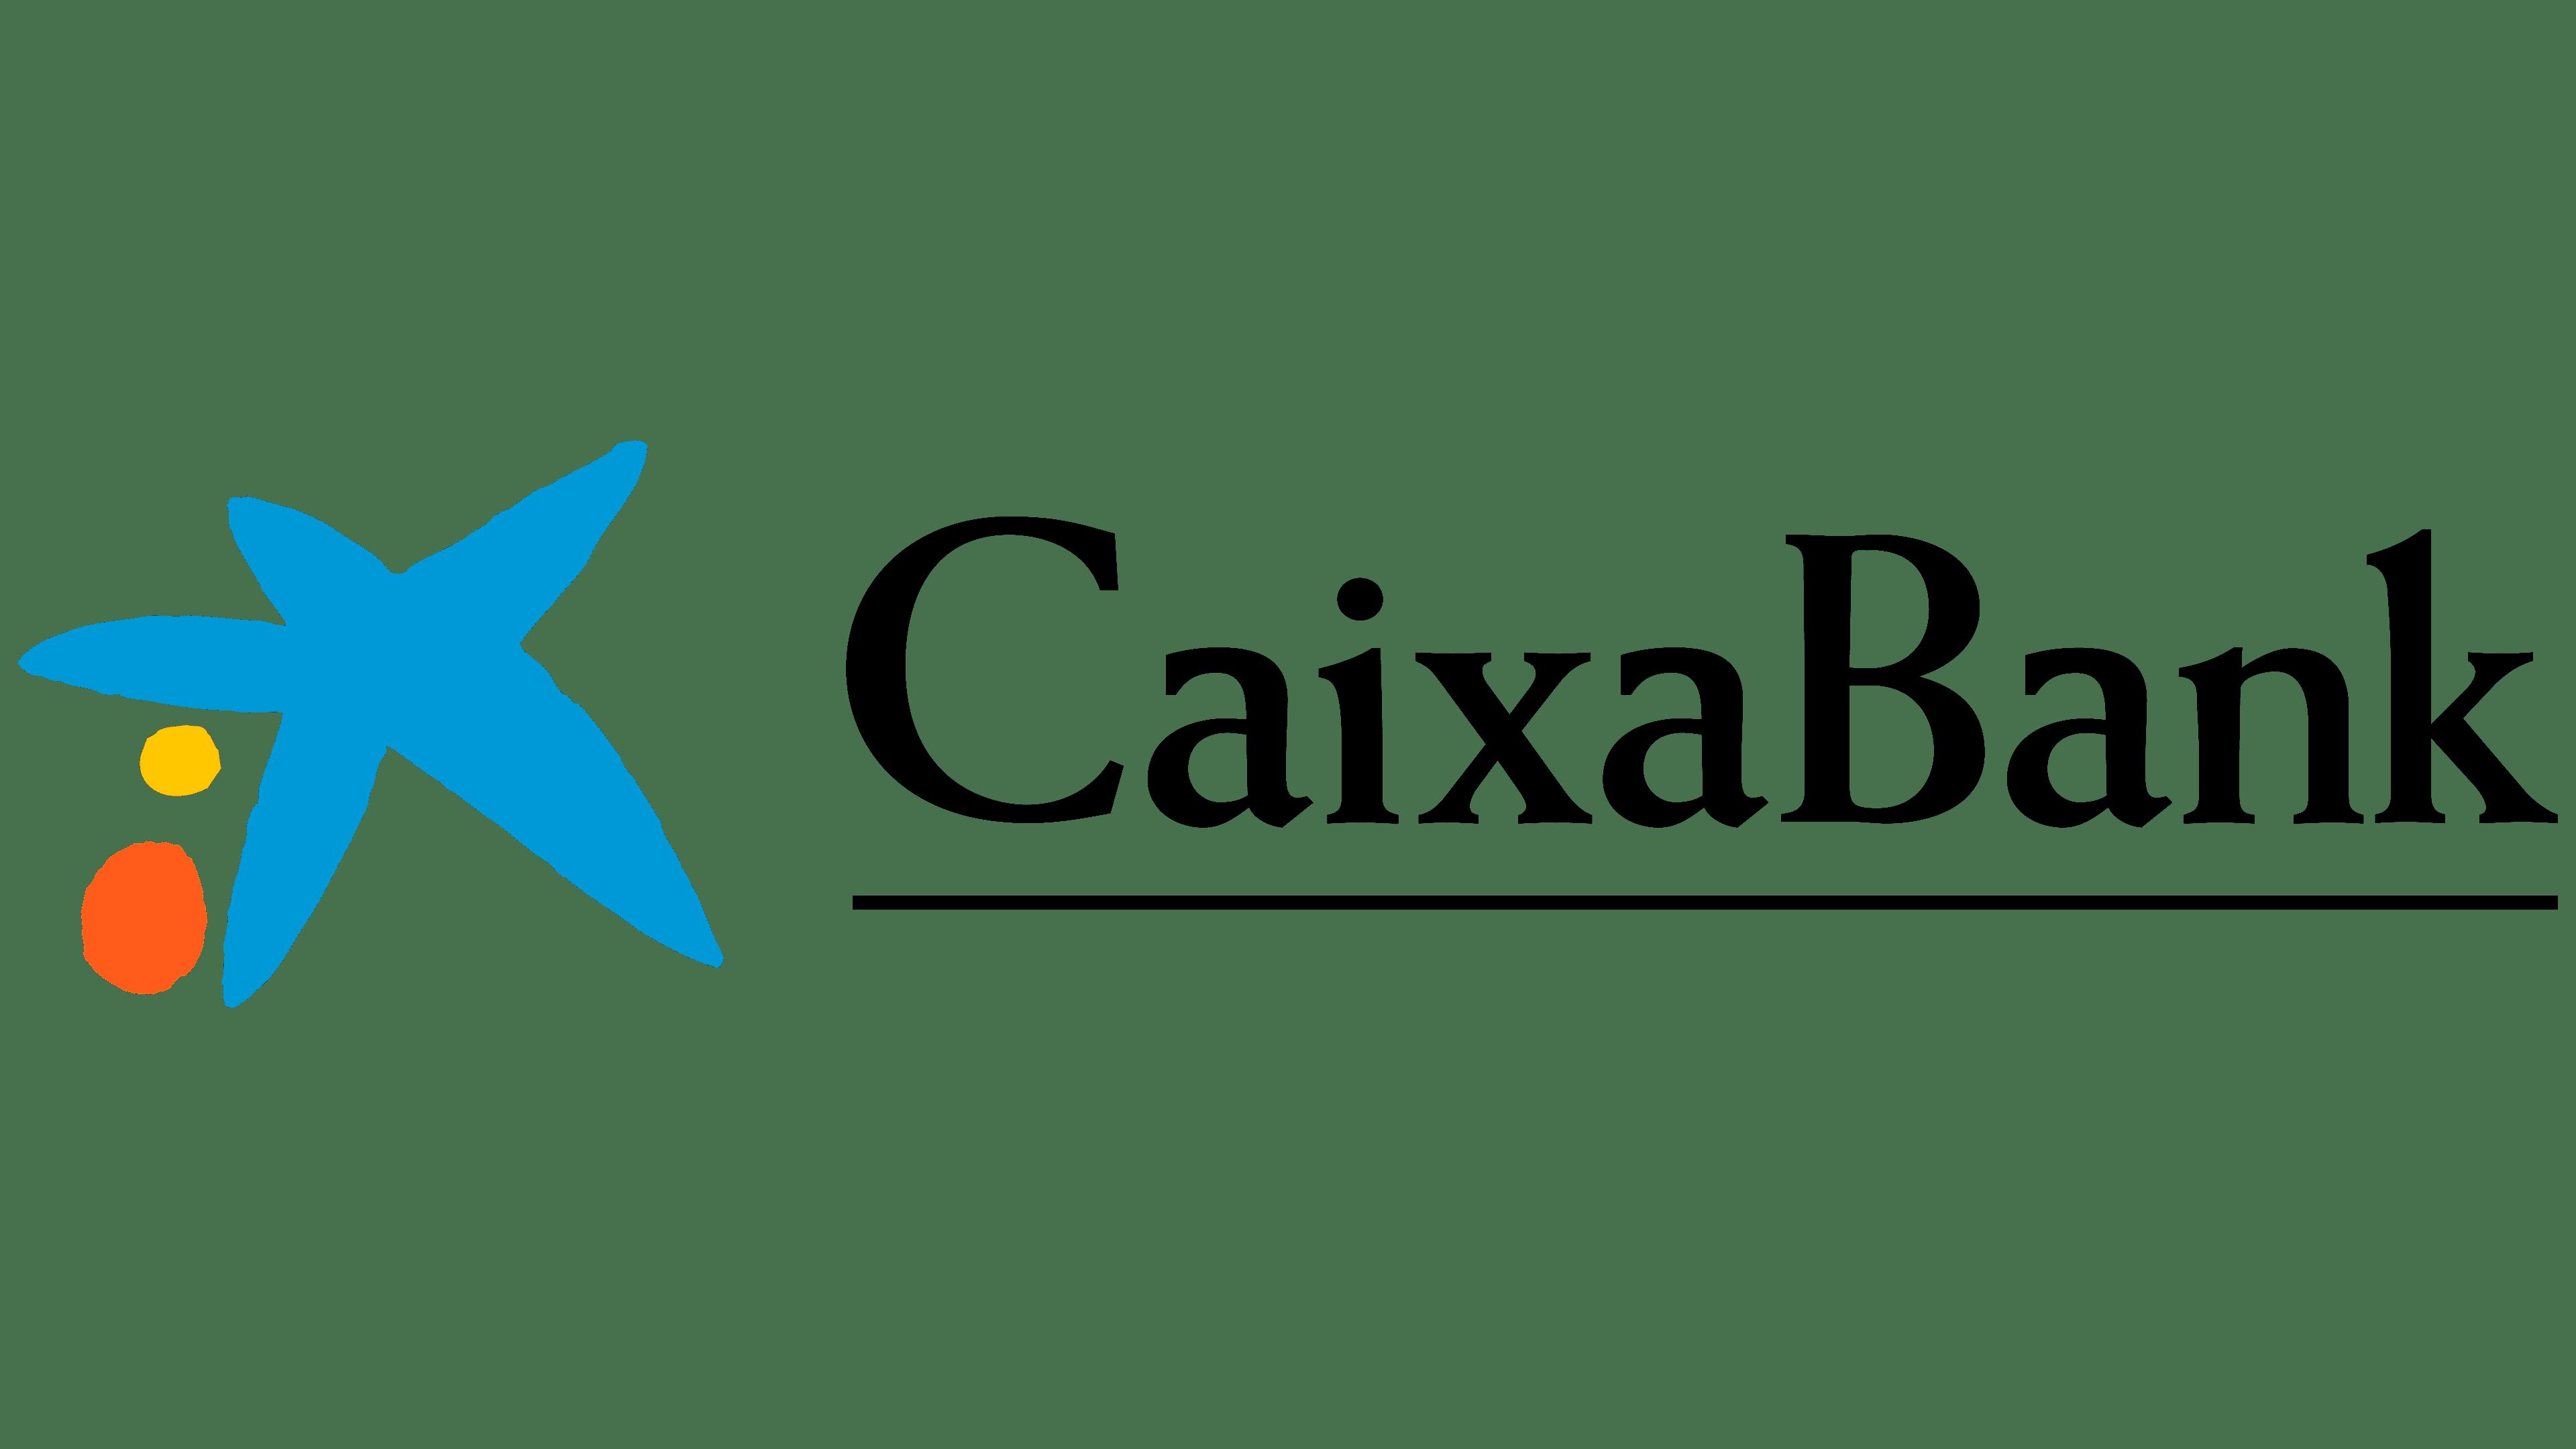 Caixa Bank (La Caixa)